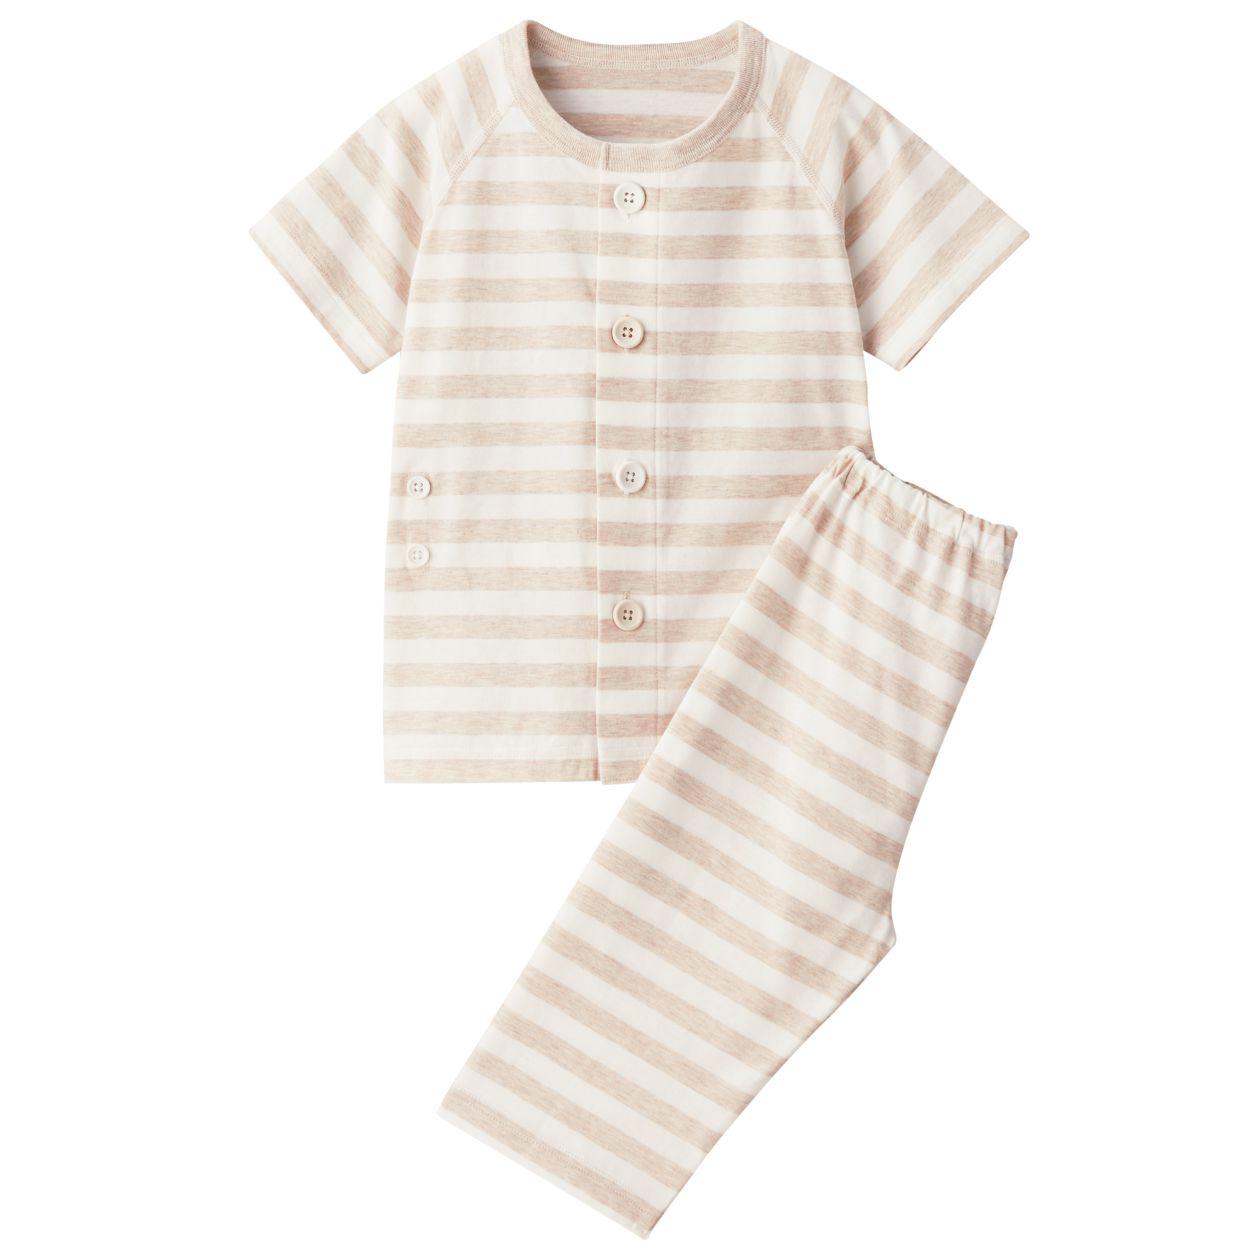 脇に縫い目のない天竺編みお着替え半袖パジャマ(七分丈)・(ベビー)